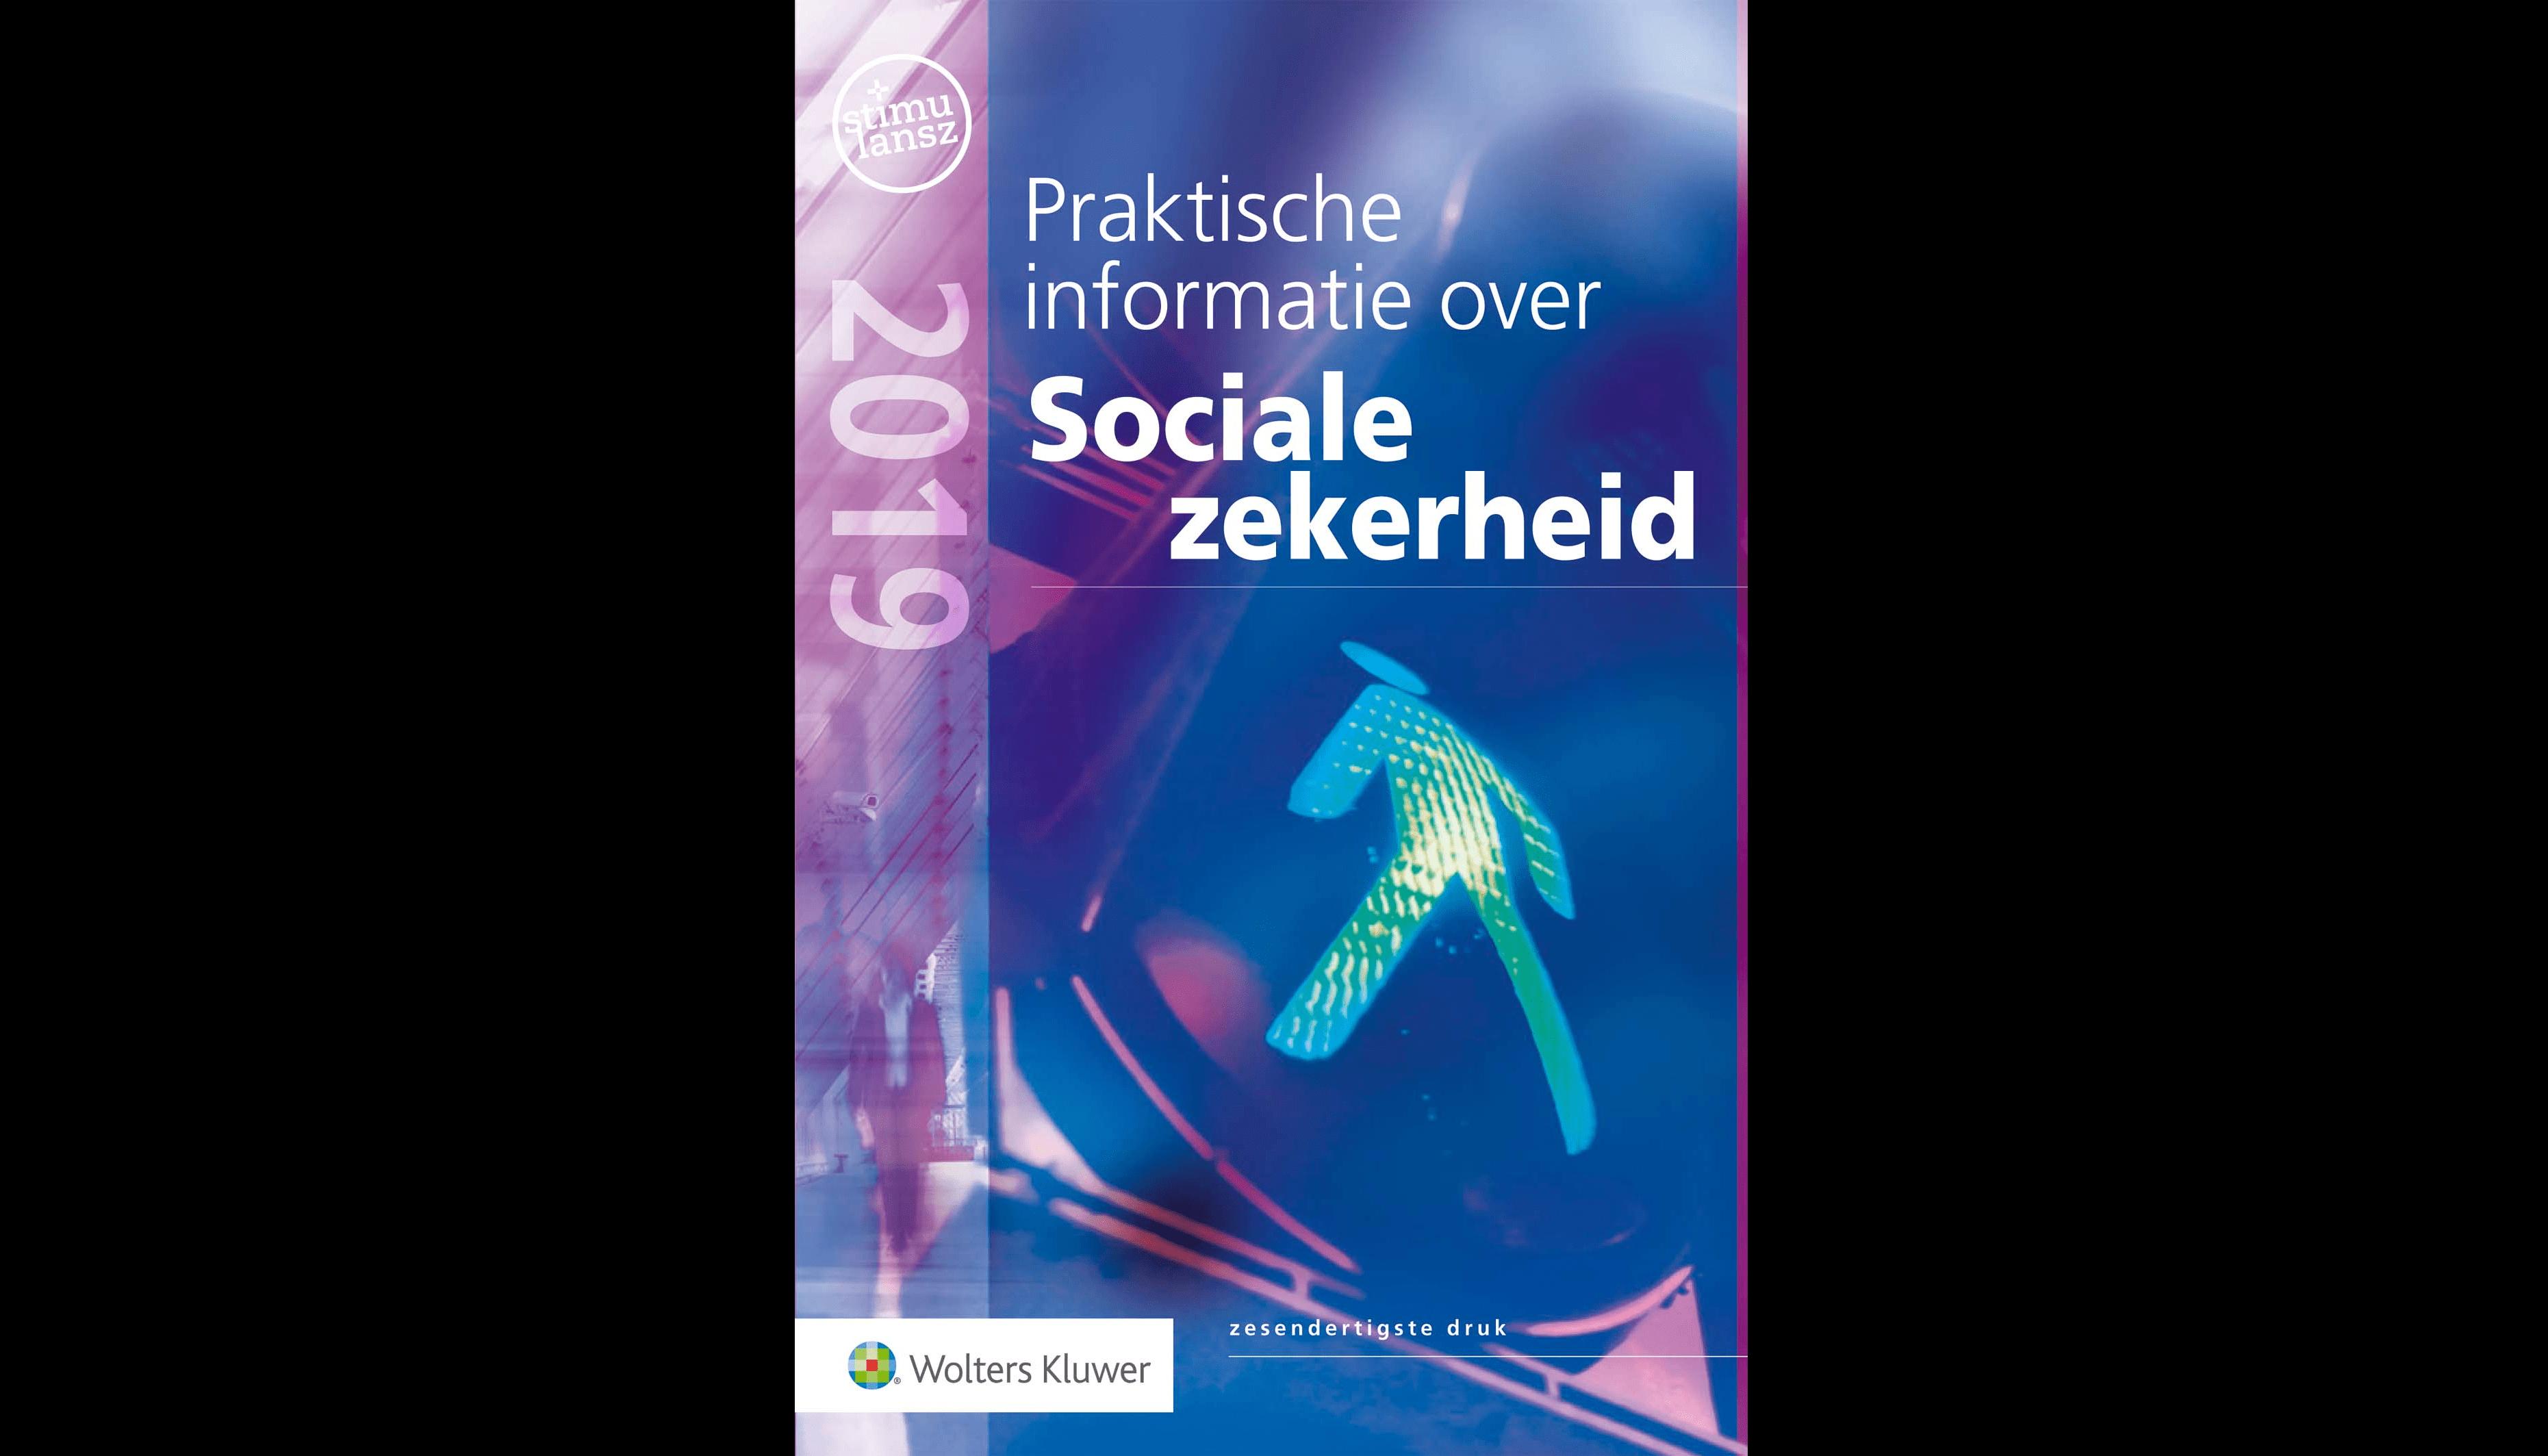 Omslag praktische informatie sociale zekerheid 2019